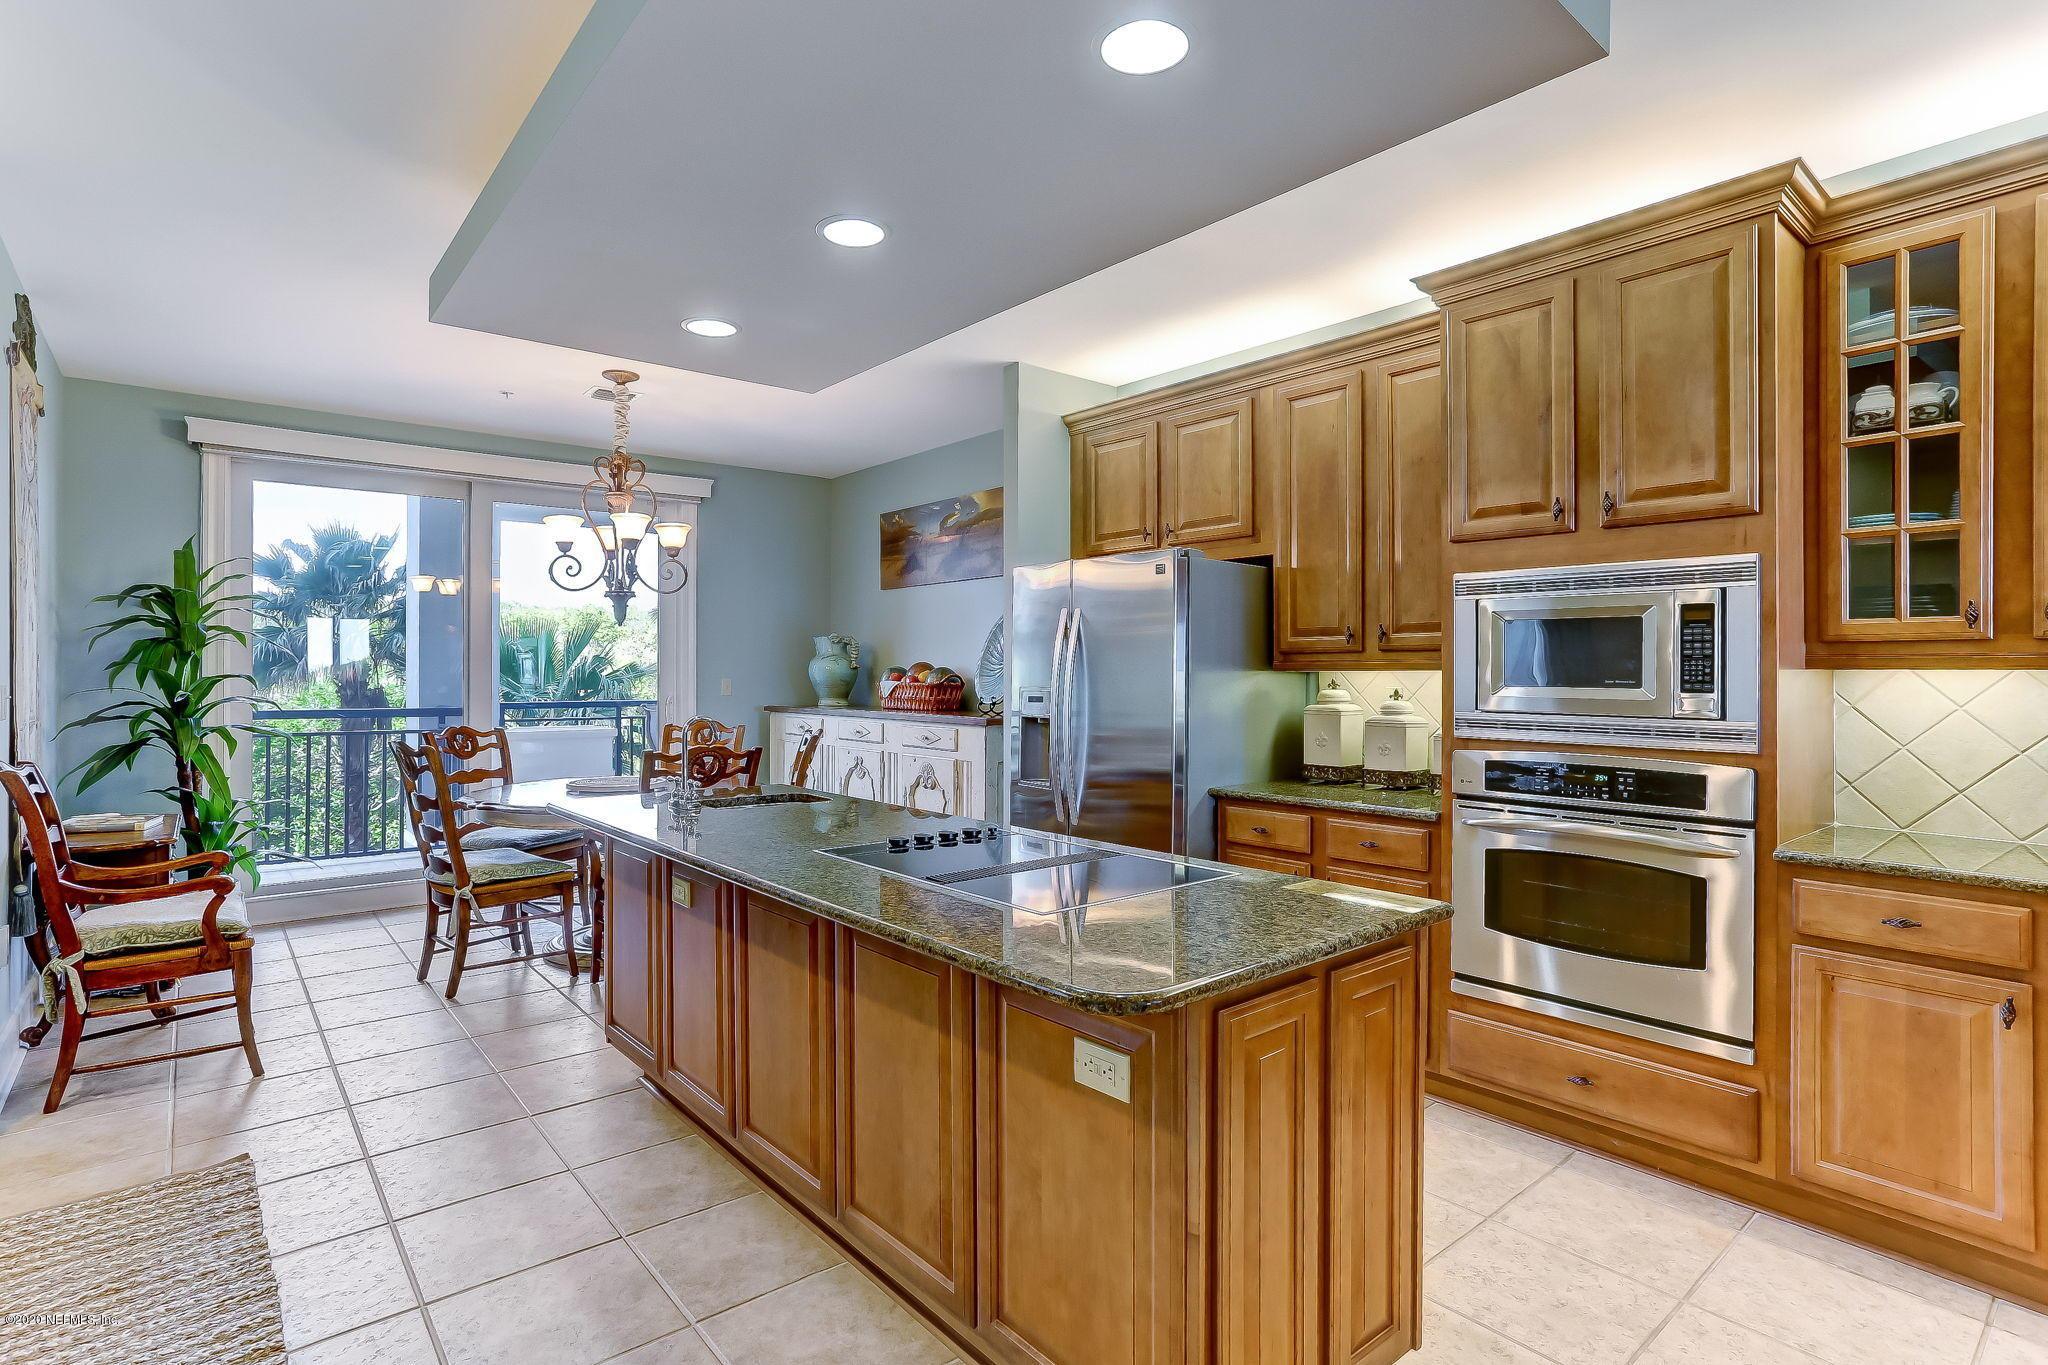 6524 SPYGLASS, FERNANDINA BEACH, FLORIDA 32034, 3 Bedrooms Bedrooms, ,3 BathroomsBathrooms,Residential,For sale,SPYGLASS,1049090